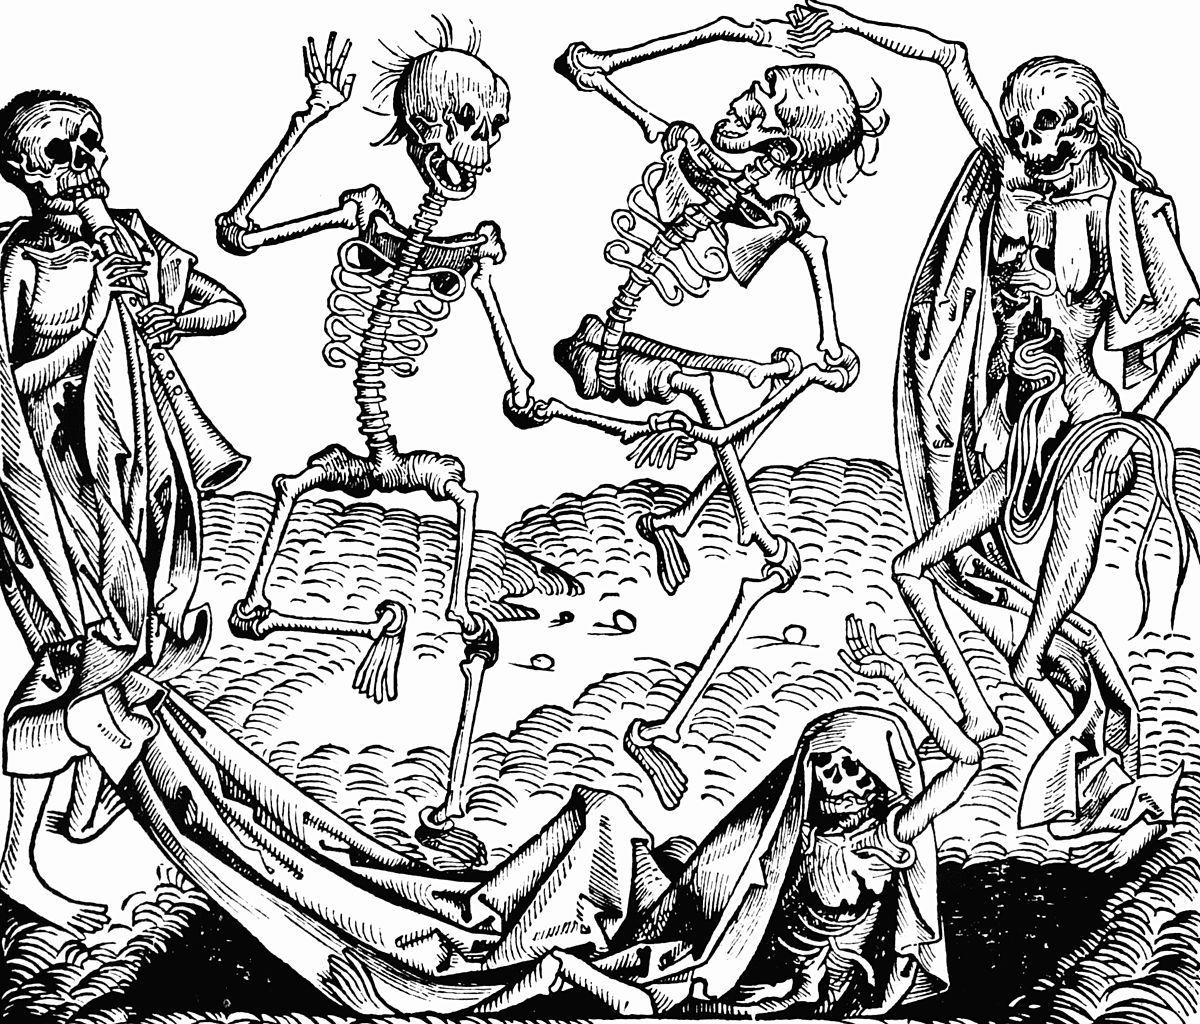 Skeletons (folklore)